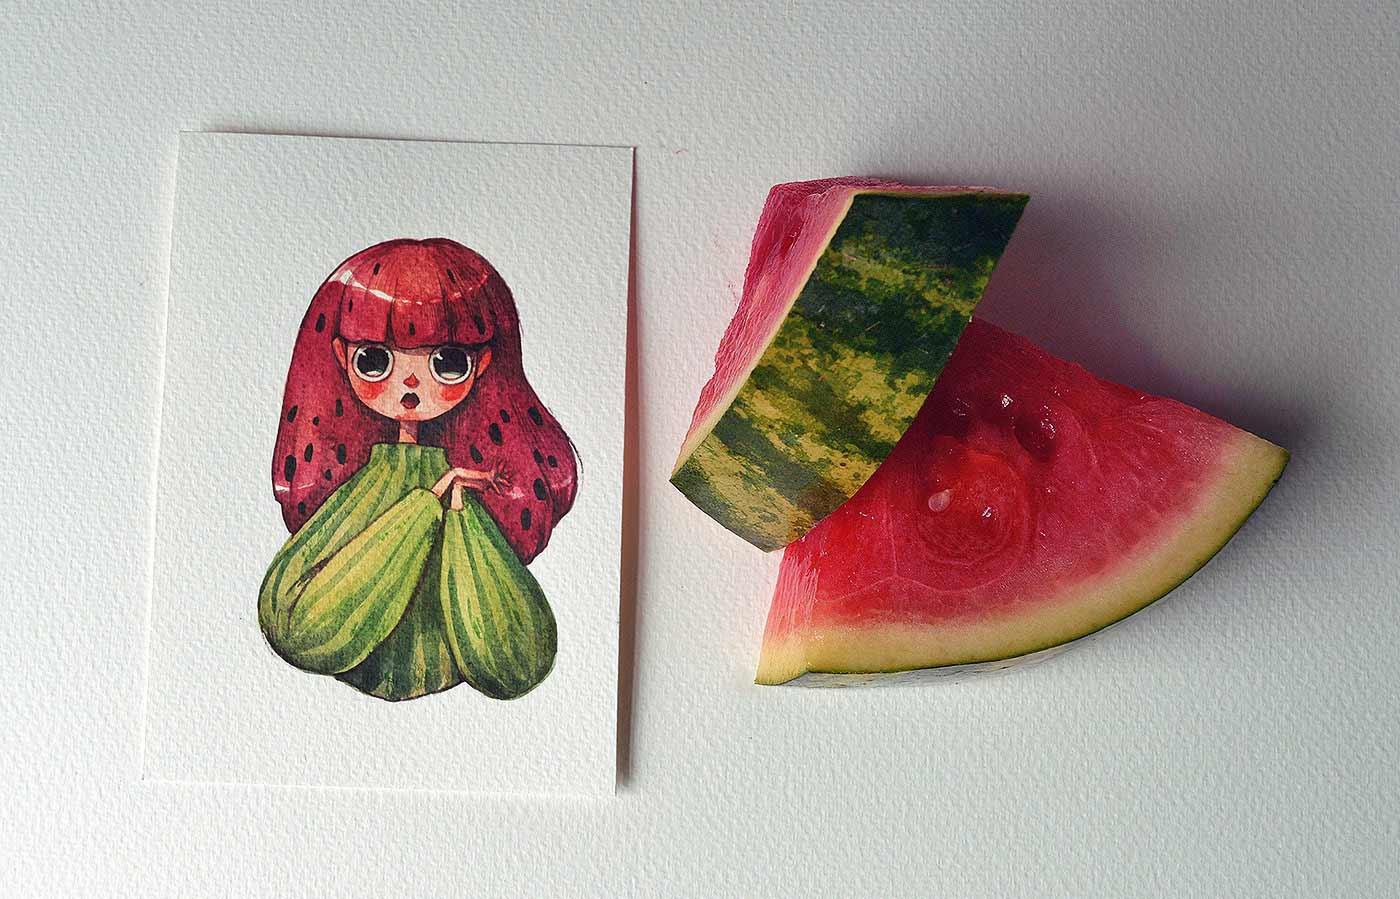 Früchte als Personen gezeichnet